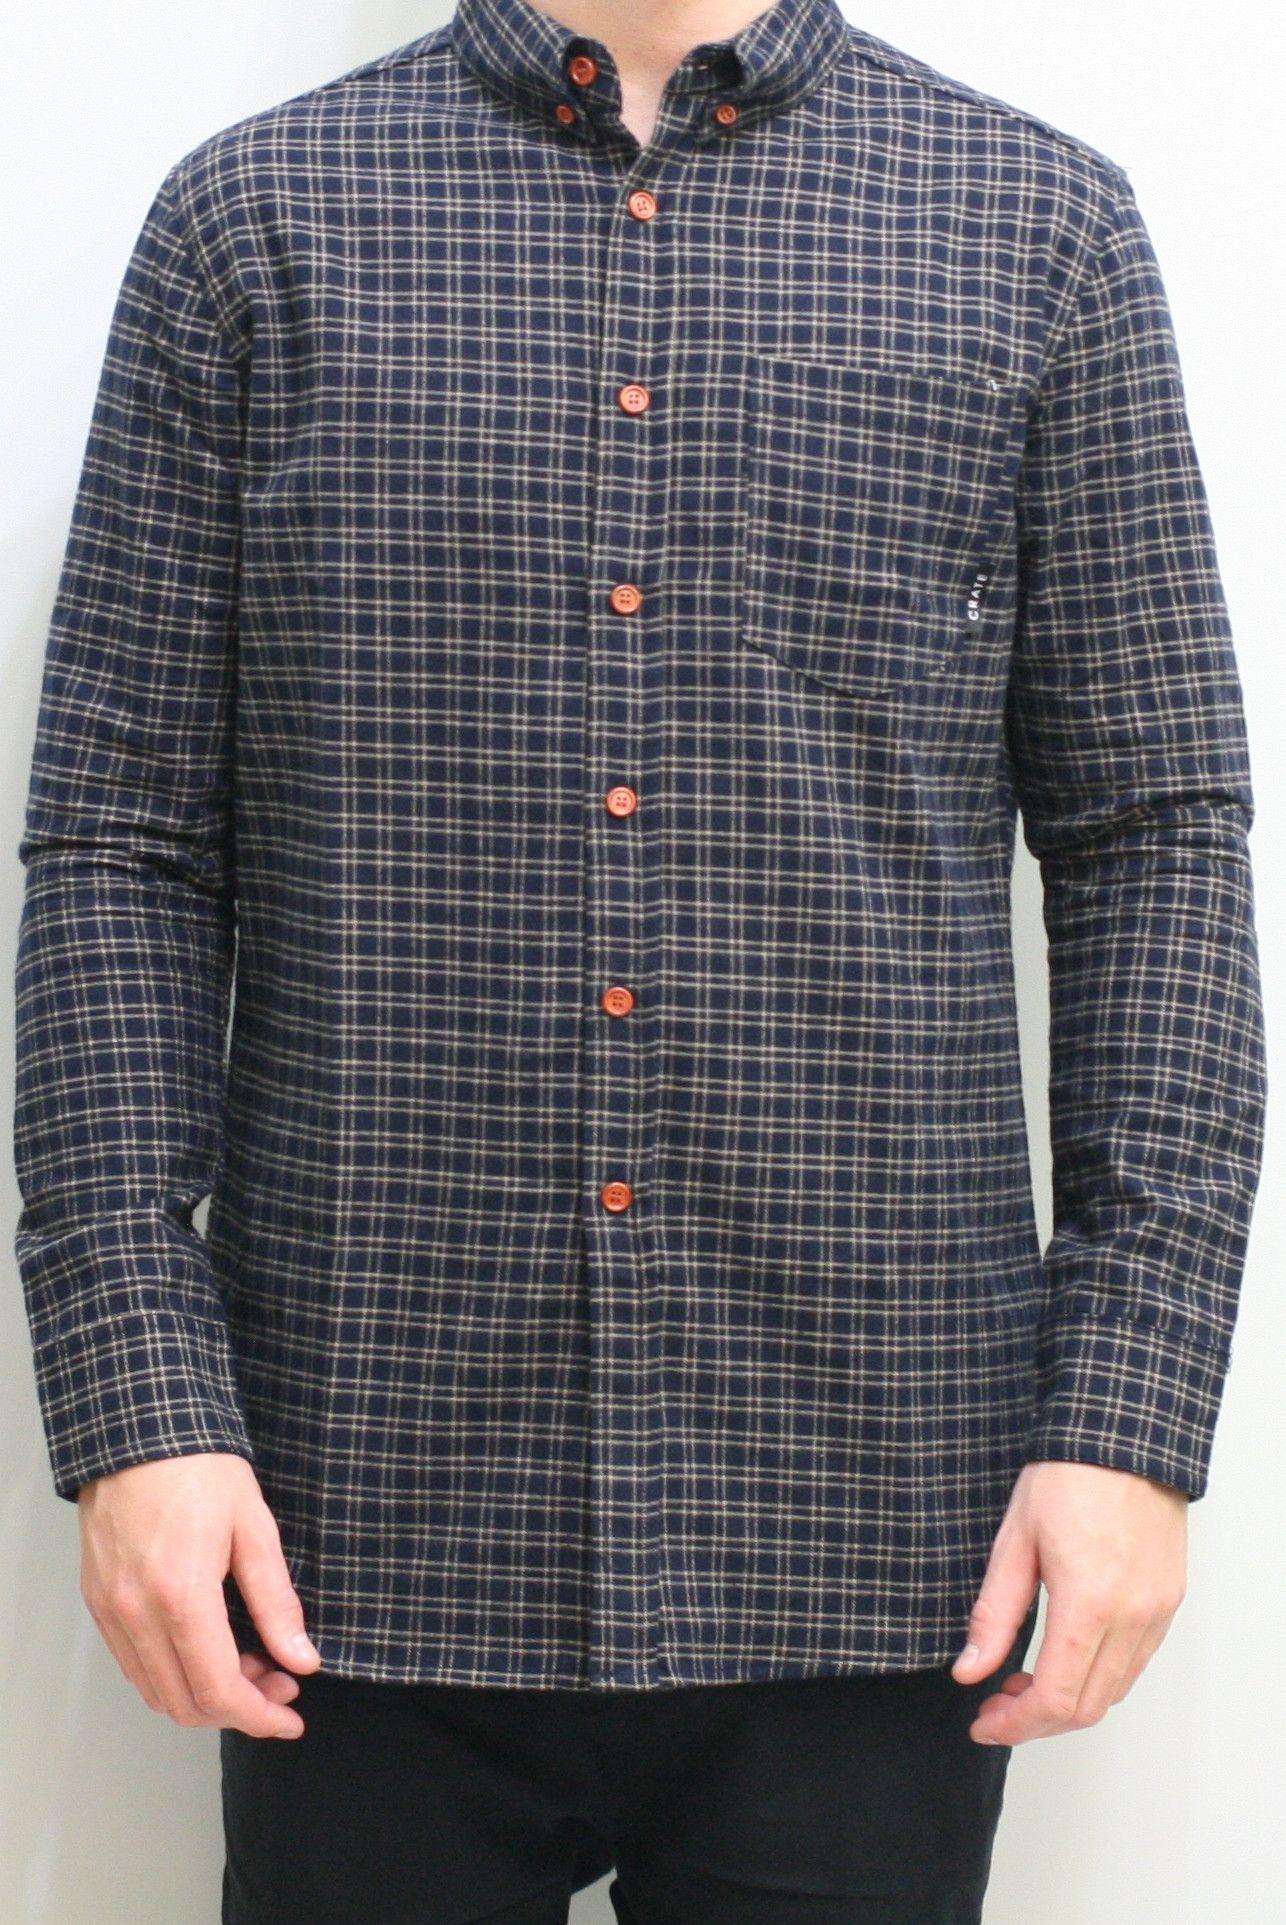 Flannel with shirt underneath  Tradie Flannel  Dark  Menus Shirts  Pinterest  Flannels